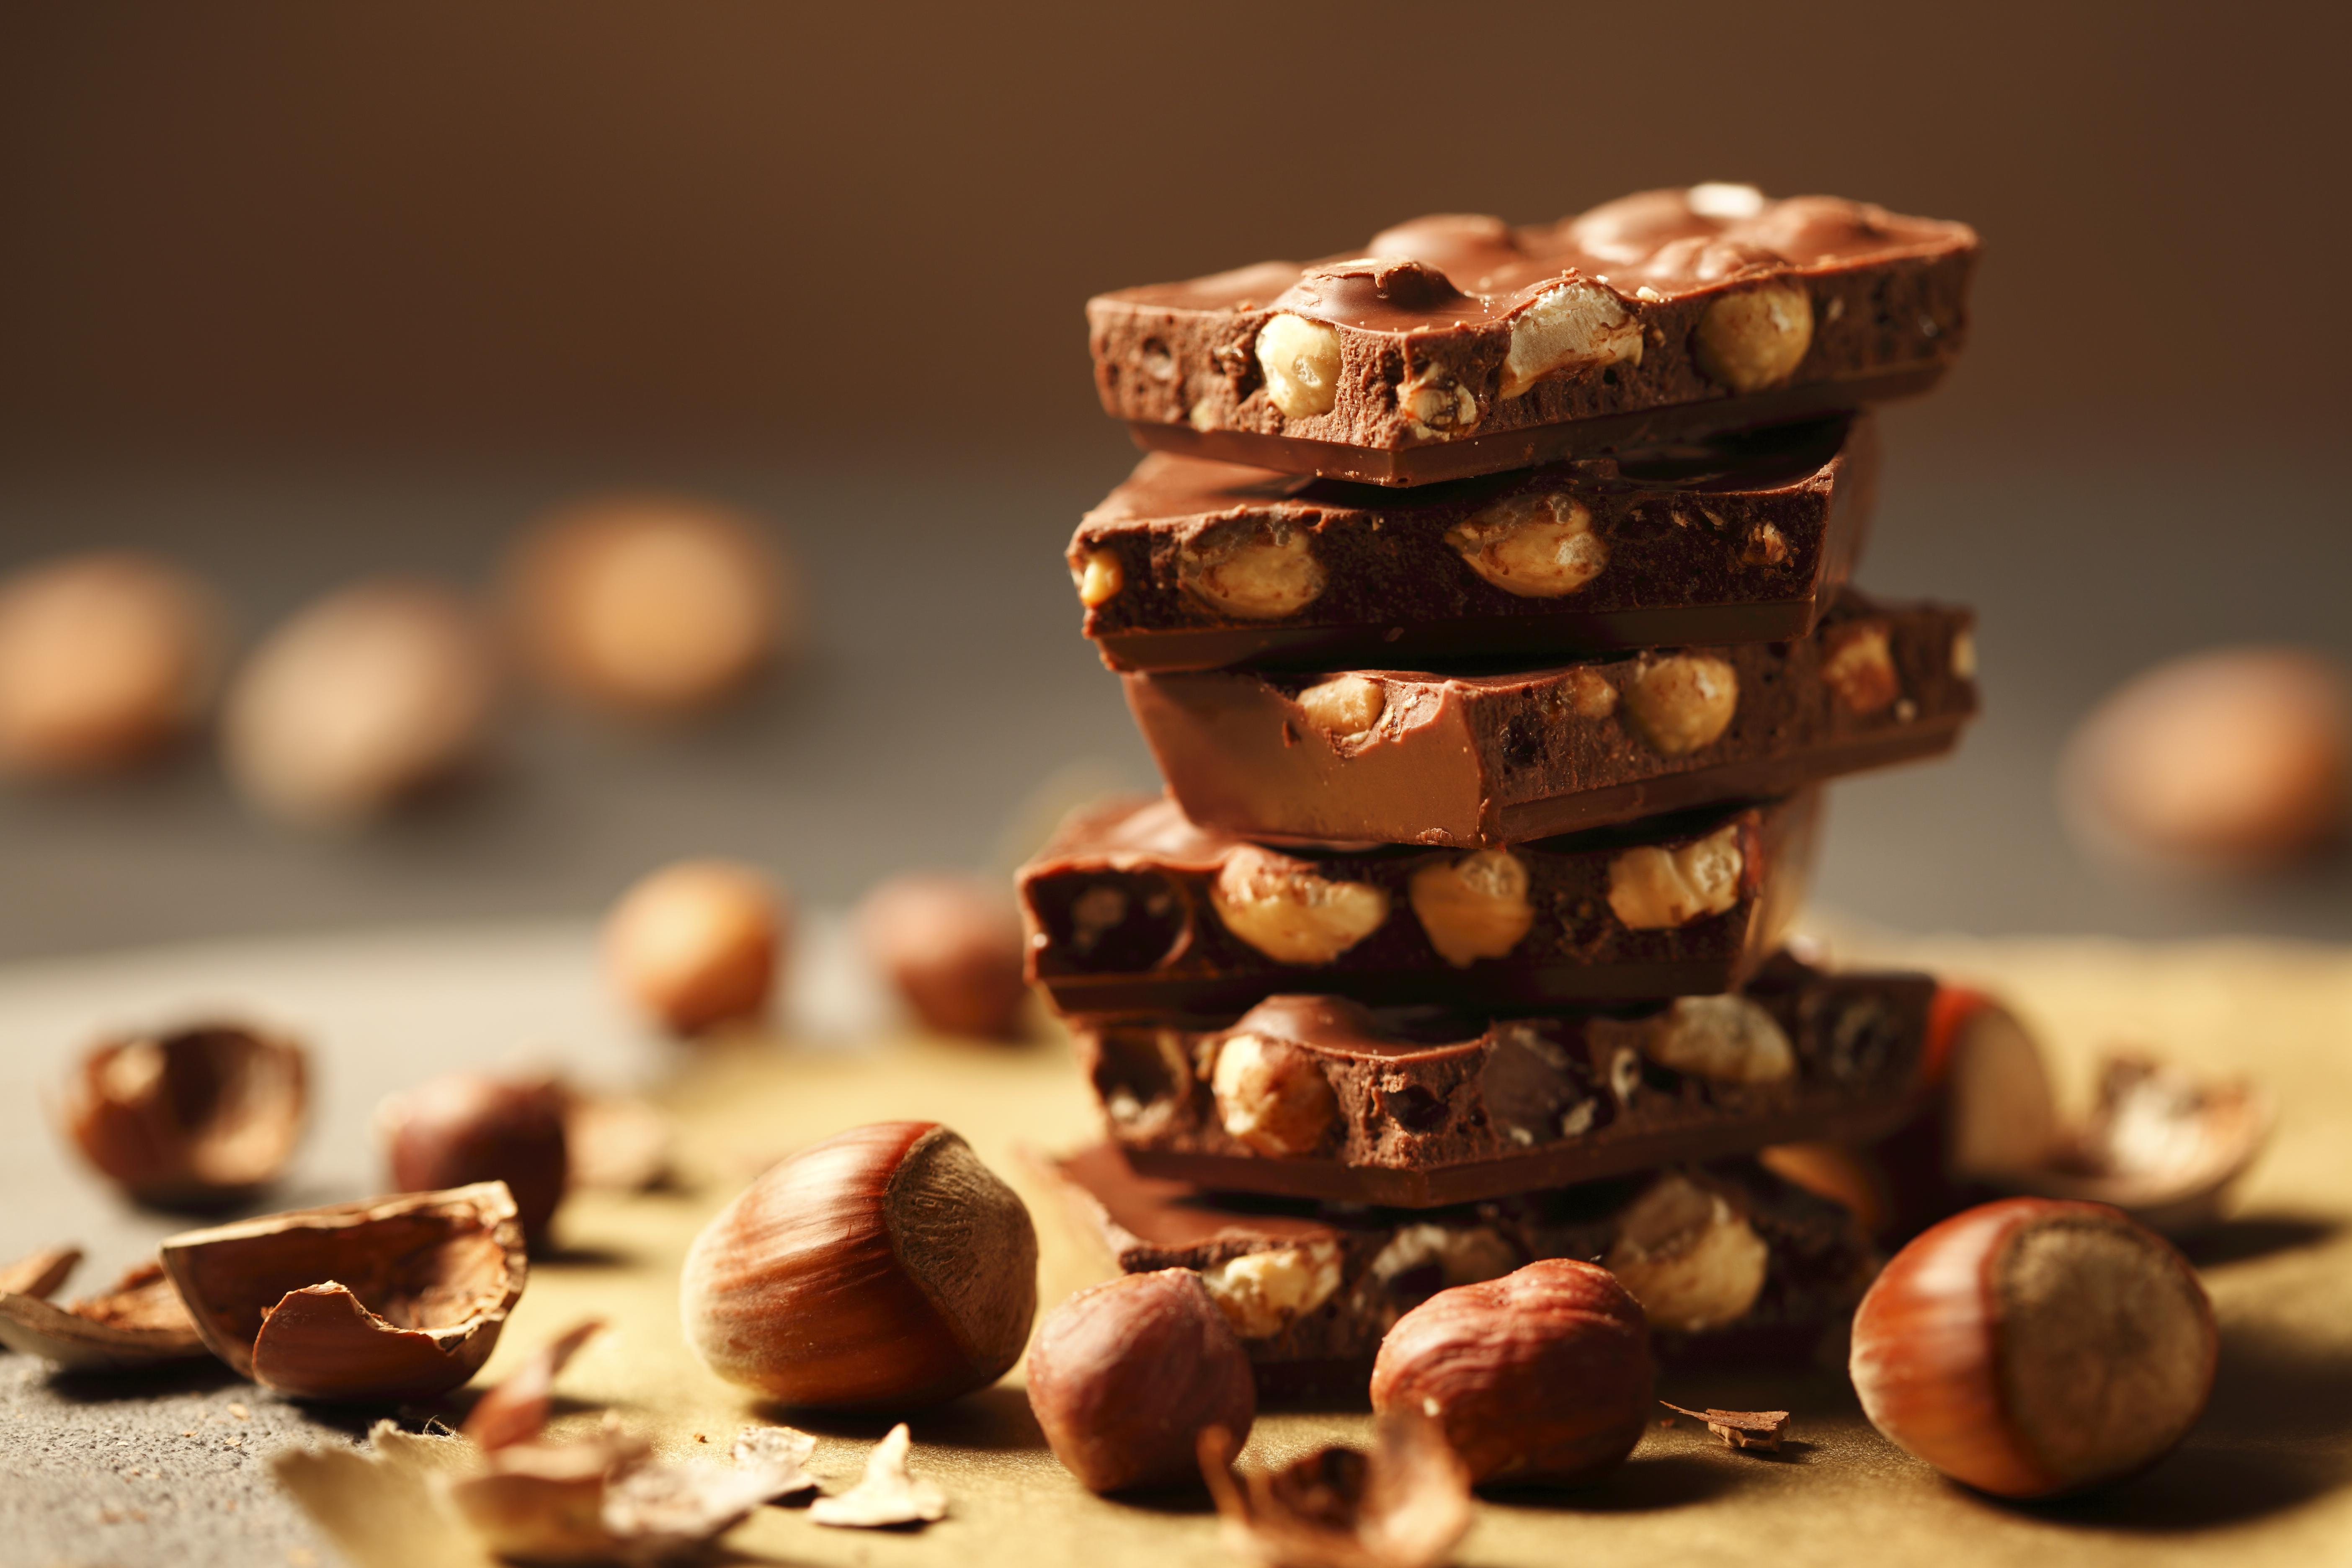 <p><strong>Може да се чувствате потиснати</strong></p>  <p>Да, може да почувствате промяна в настроението, просто защото се отказвате от любимата си храна. Но тъй като какаото и шоколадът са буквално храна за повишаване на настроението, избягването им може да ви накара да се чувствате потиснати. Доказано е, че консумацията на шоколад може да бъде свързана с намалени шансове за депресивни симптоми.</p>